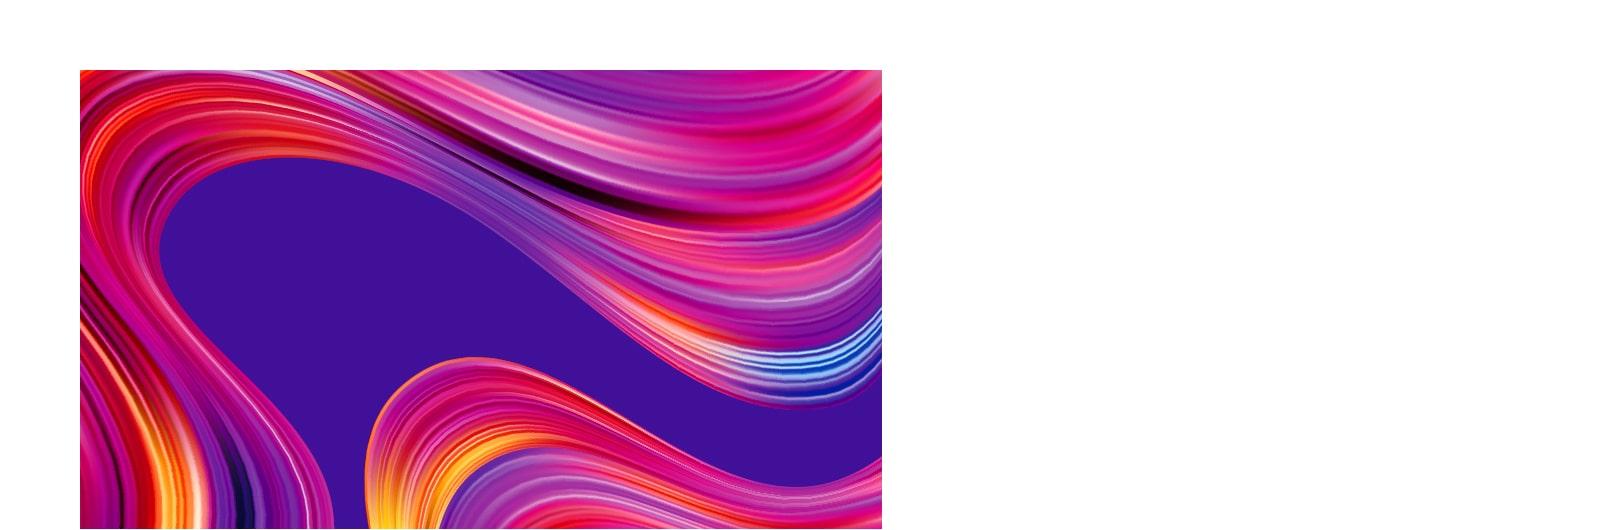 S kalibriranim bojama: Prikaz stvarne boje